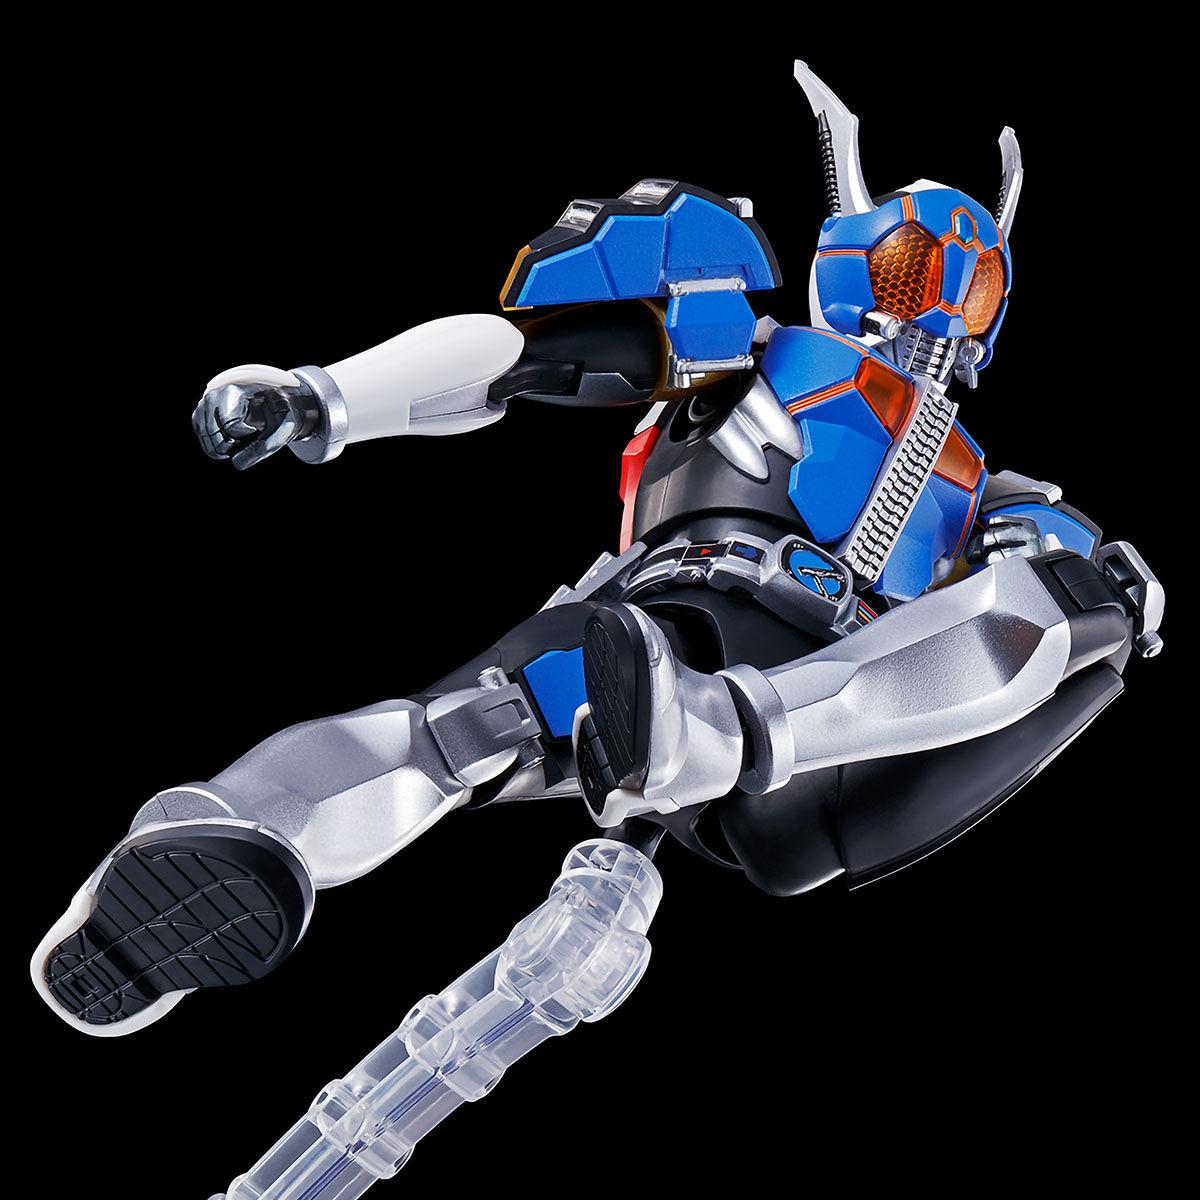 【限定販売】Figure-rise Standard『仮面ライダー電王 ガンフォーム&プラットフォーム』プラモデル-021